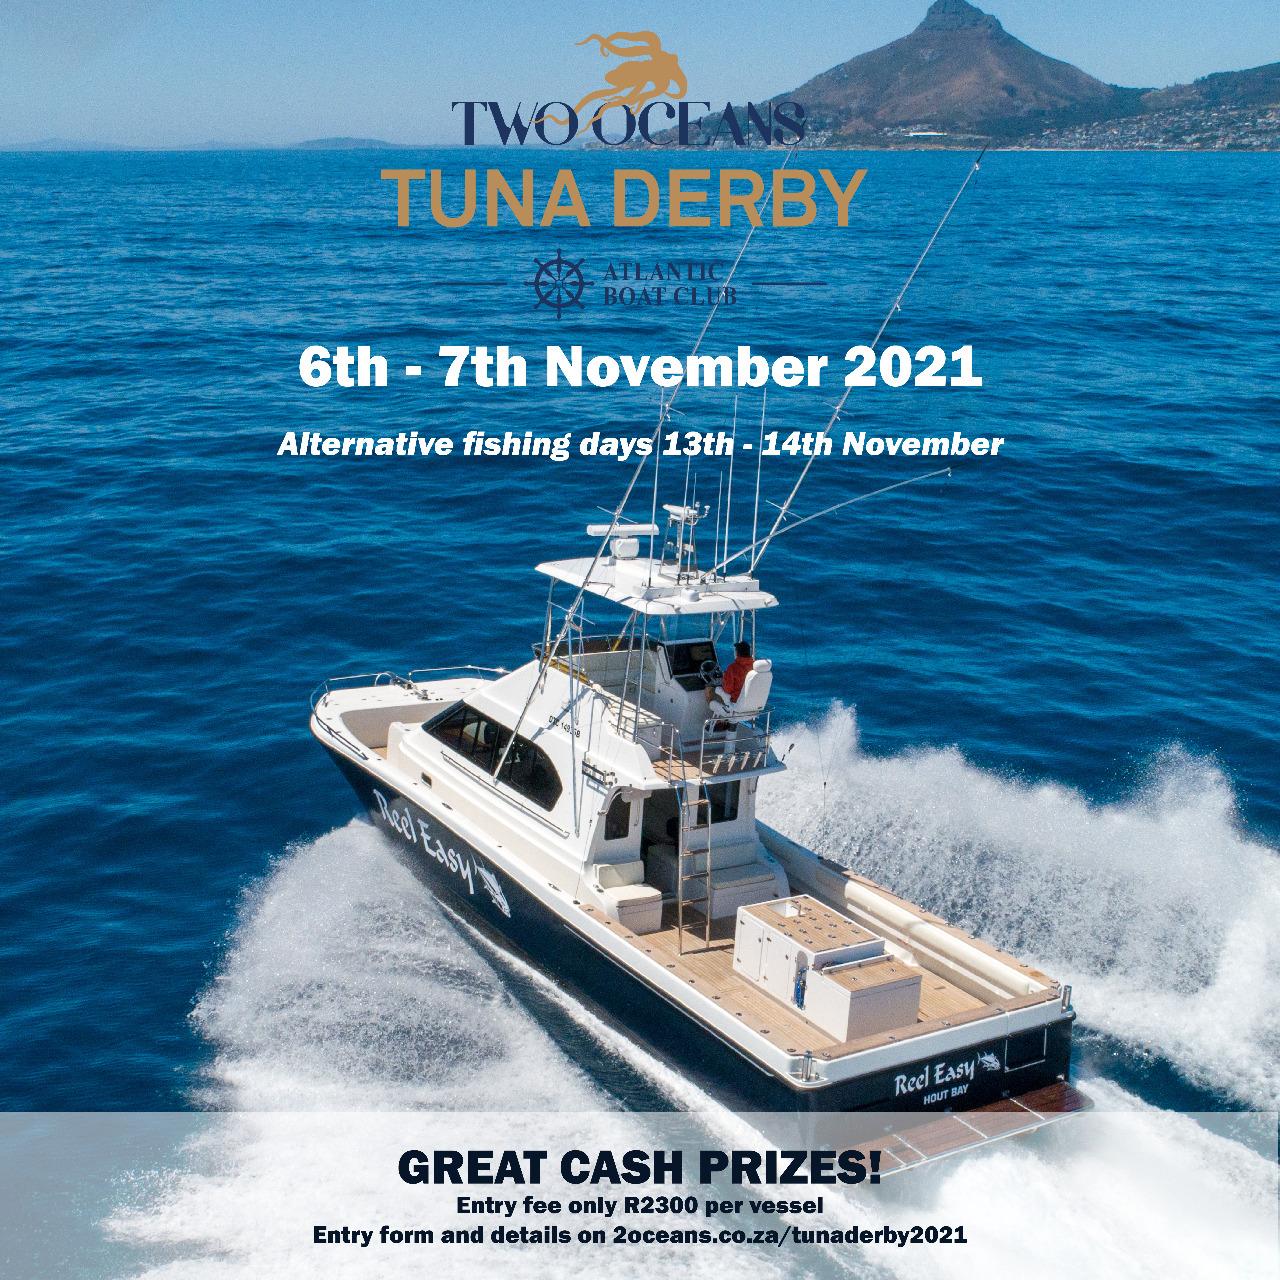 Two Oceans Tuna Derby